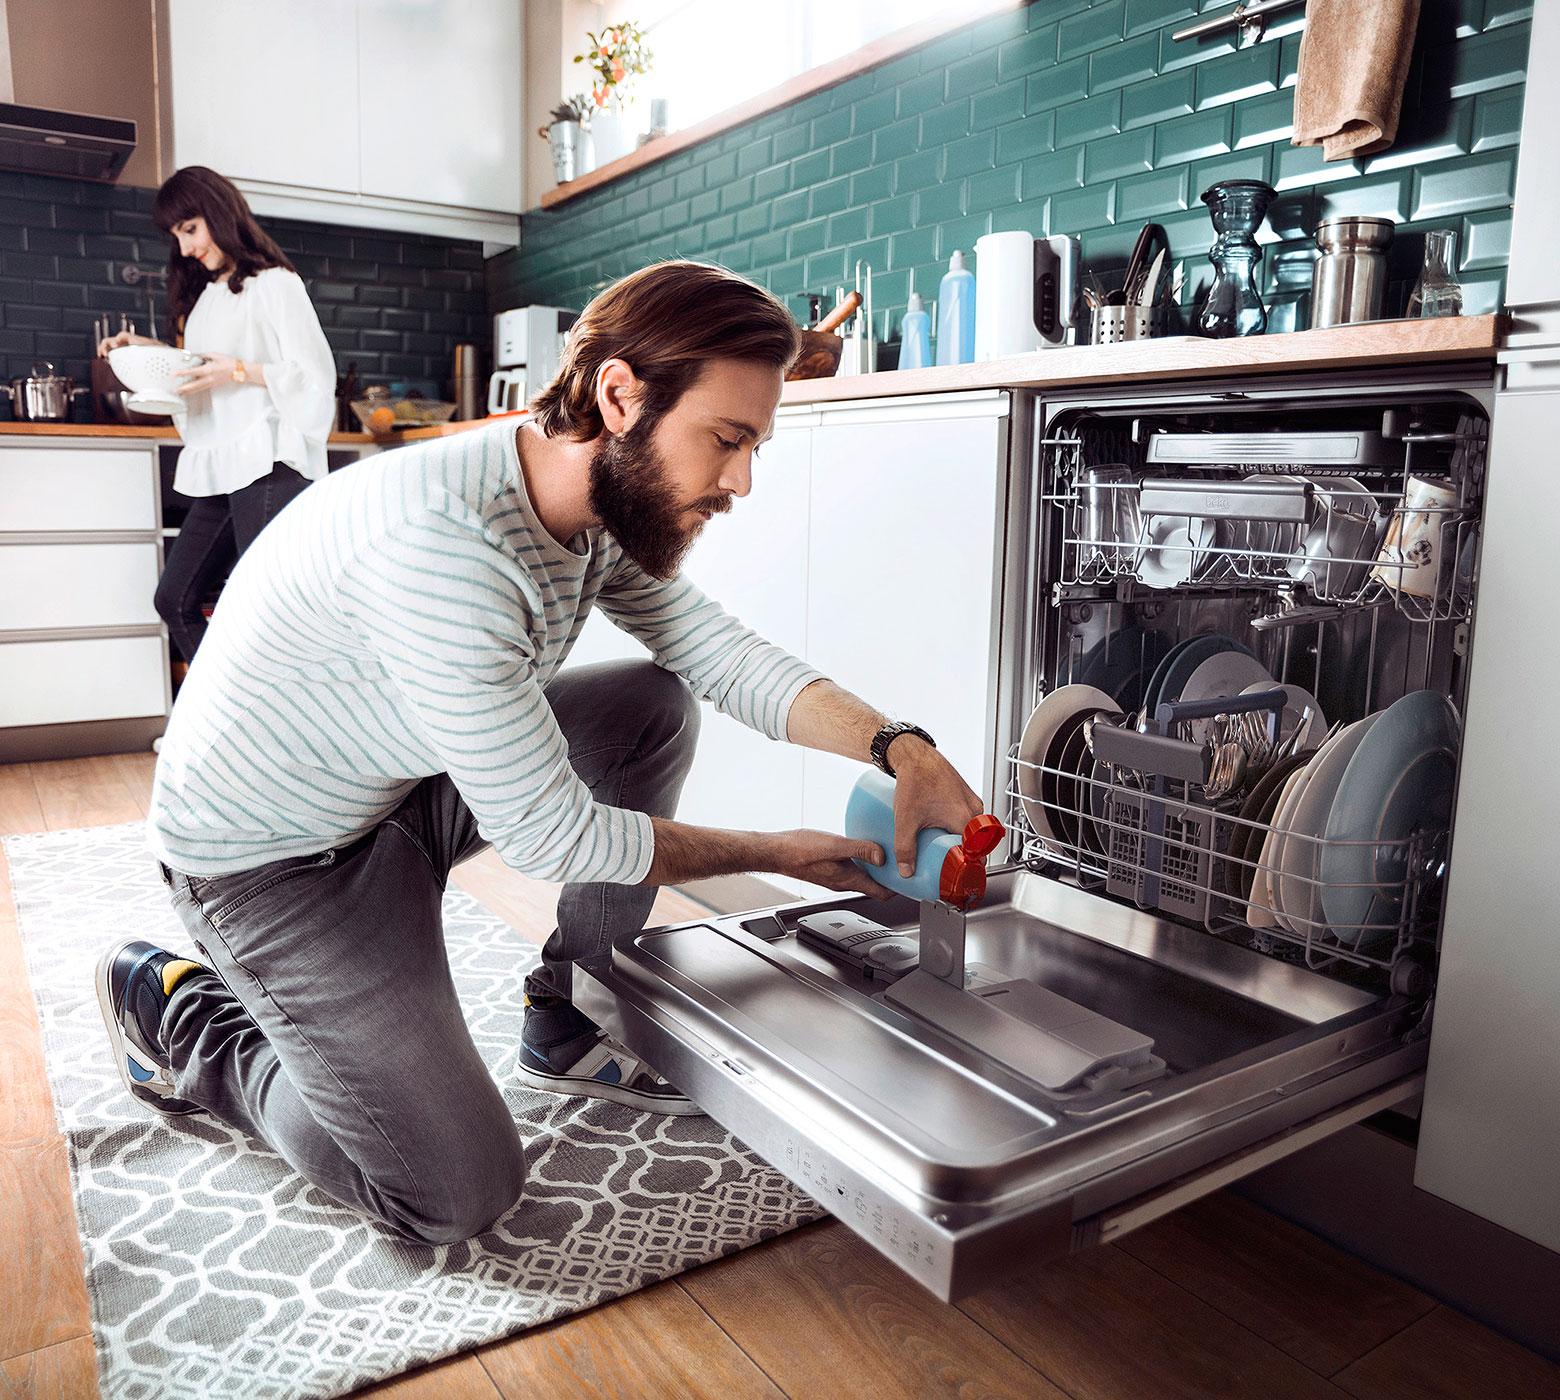 польза посудомоечной машины